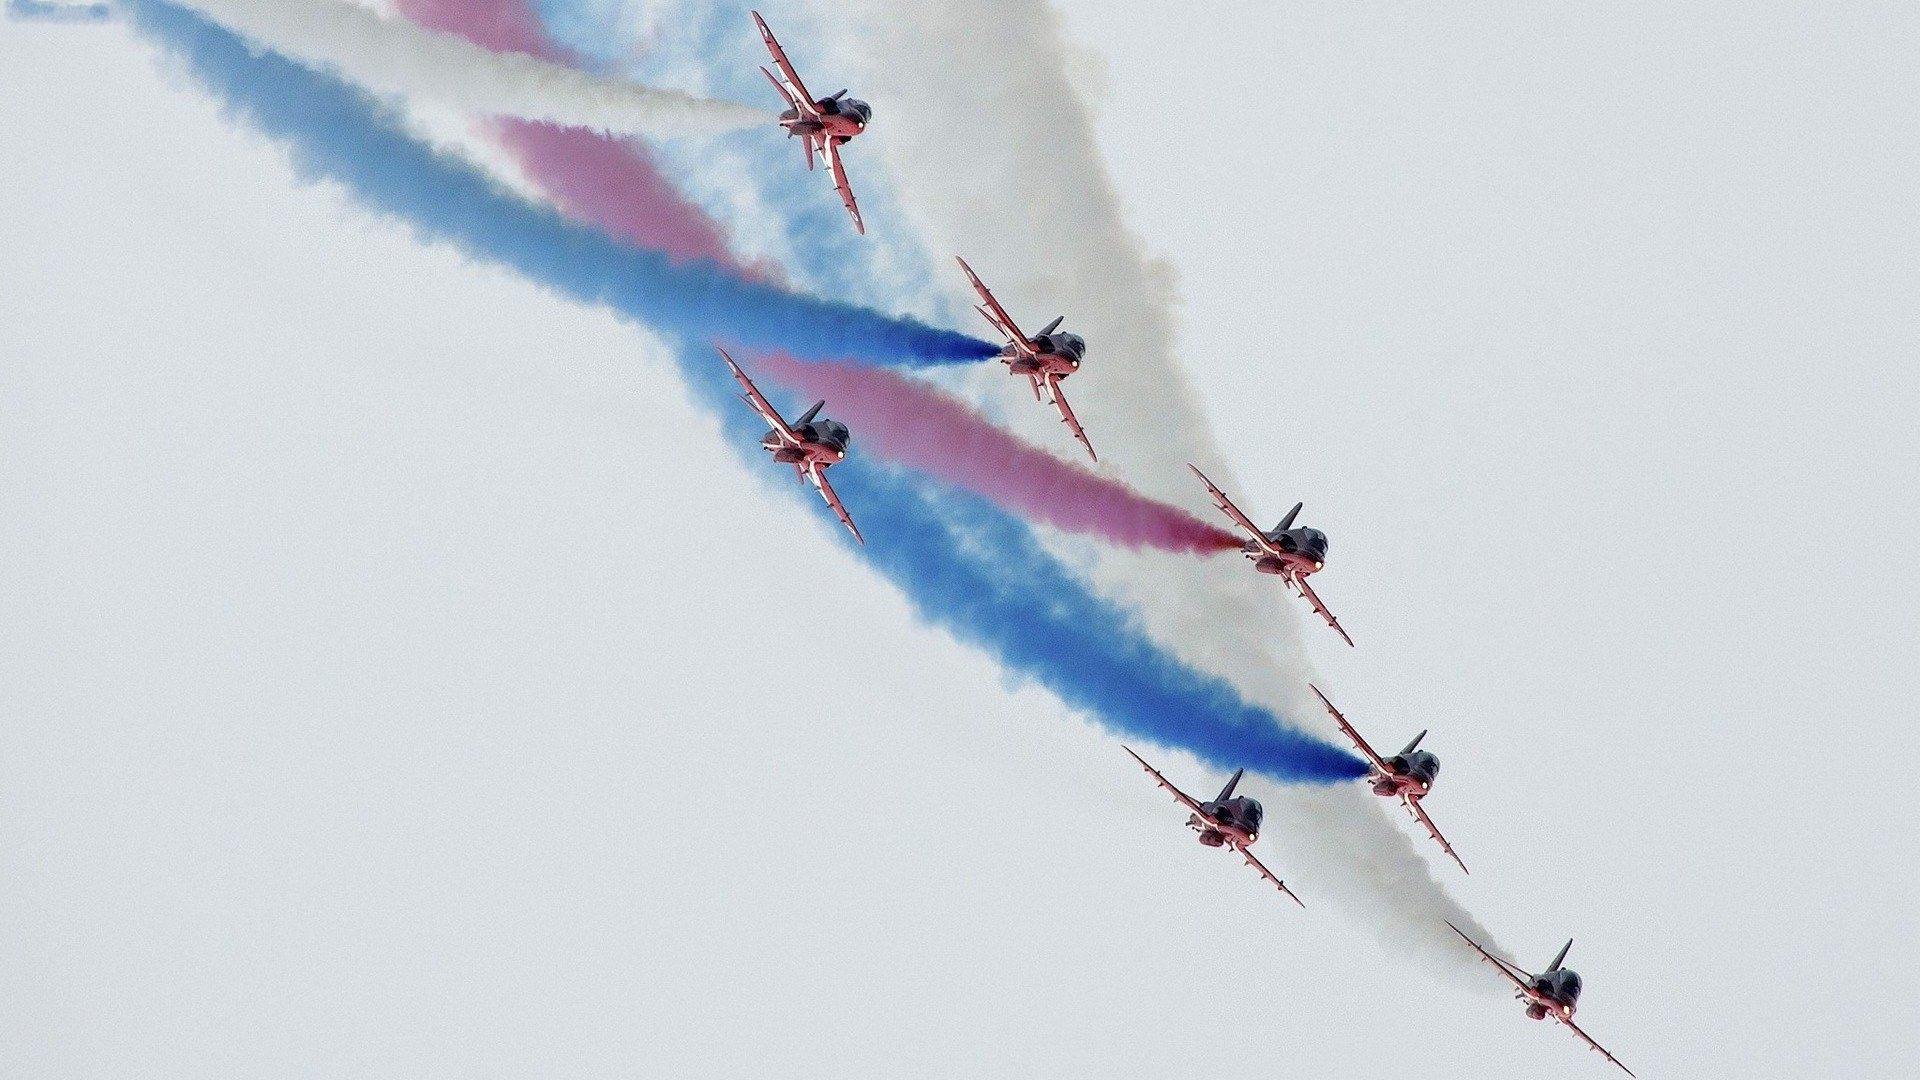 Выступление пилотажной группы, фестиваль уличного спорта и ресторанный день ждут вологжан в это воскресенье